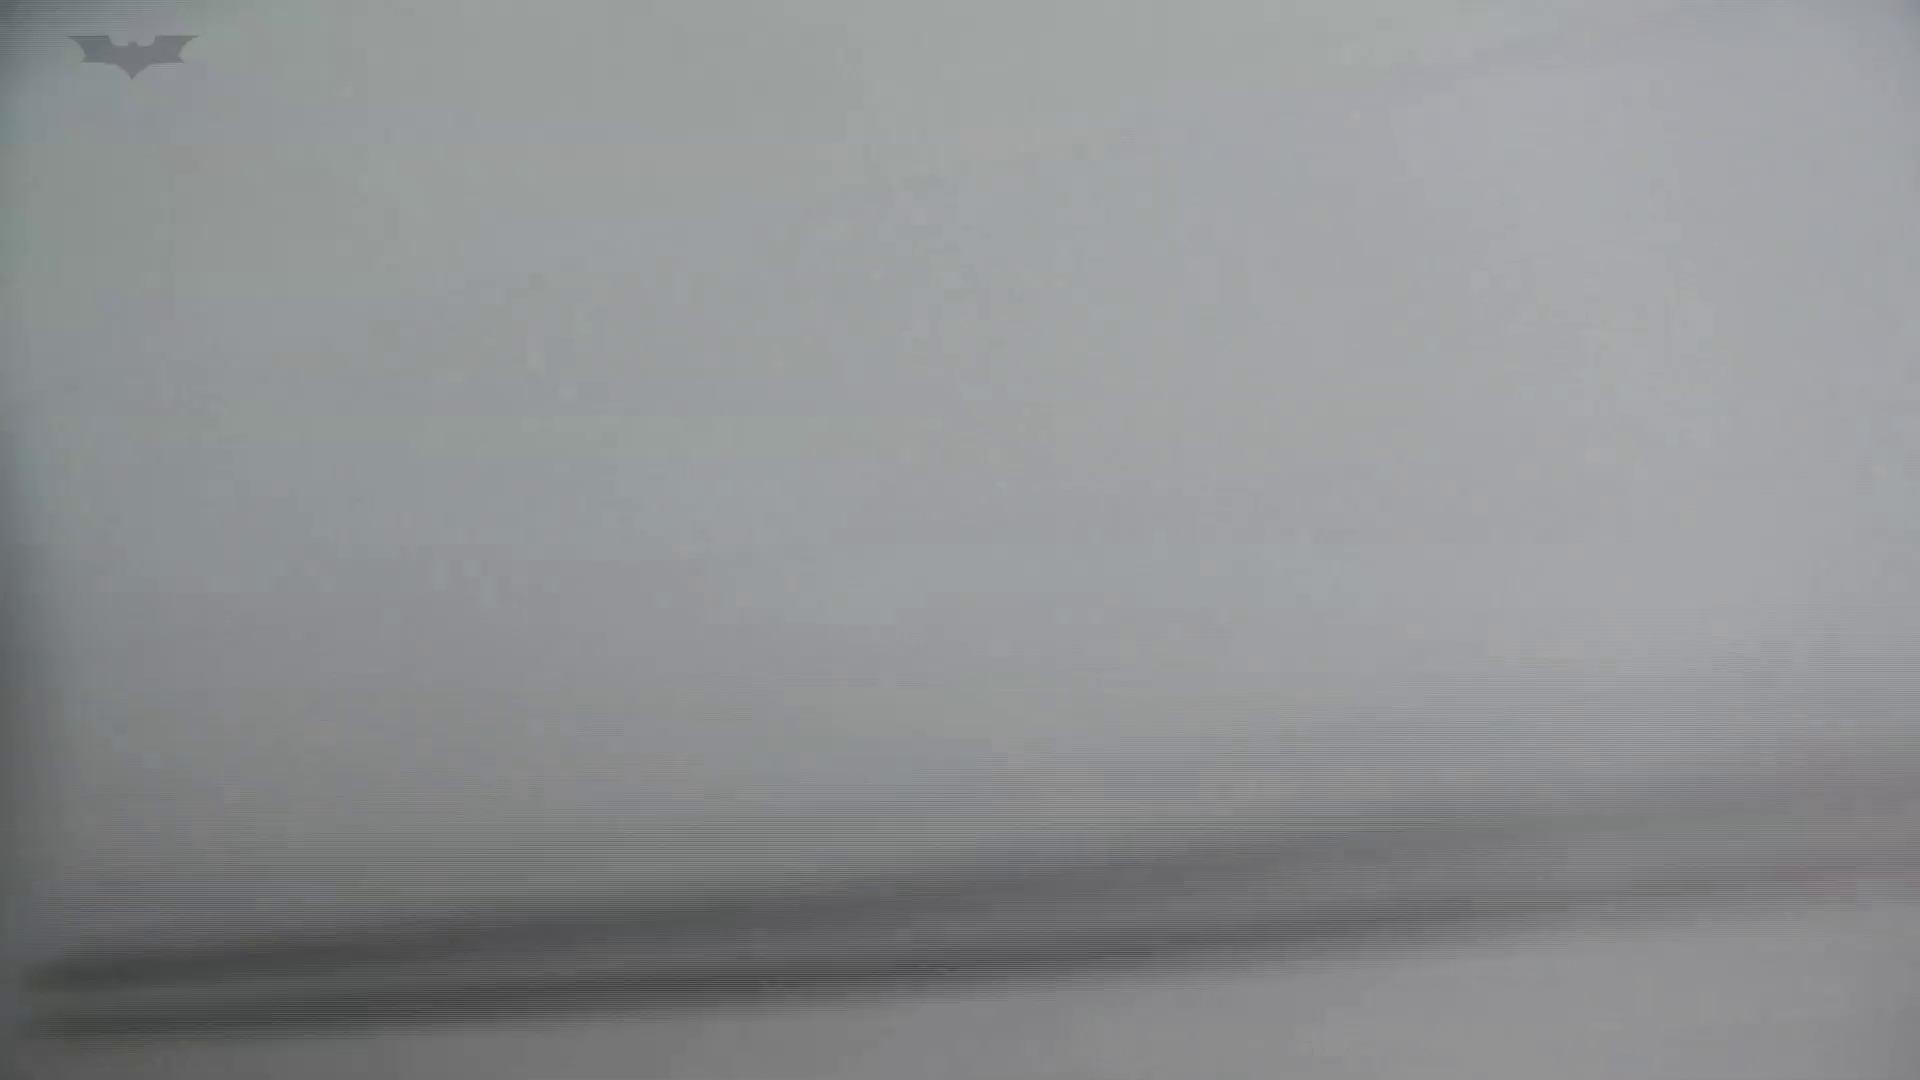 美しい日本の未来 No.19 顔全部撮れた2 おまんこ無修正 | ギャル・コレクション  82連発 13